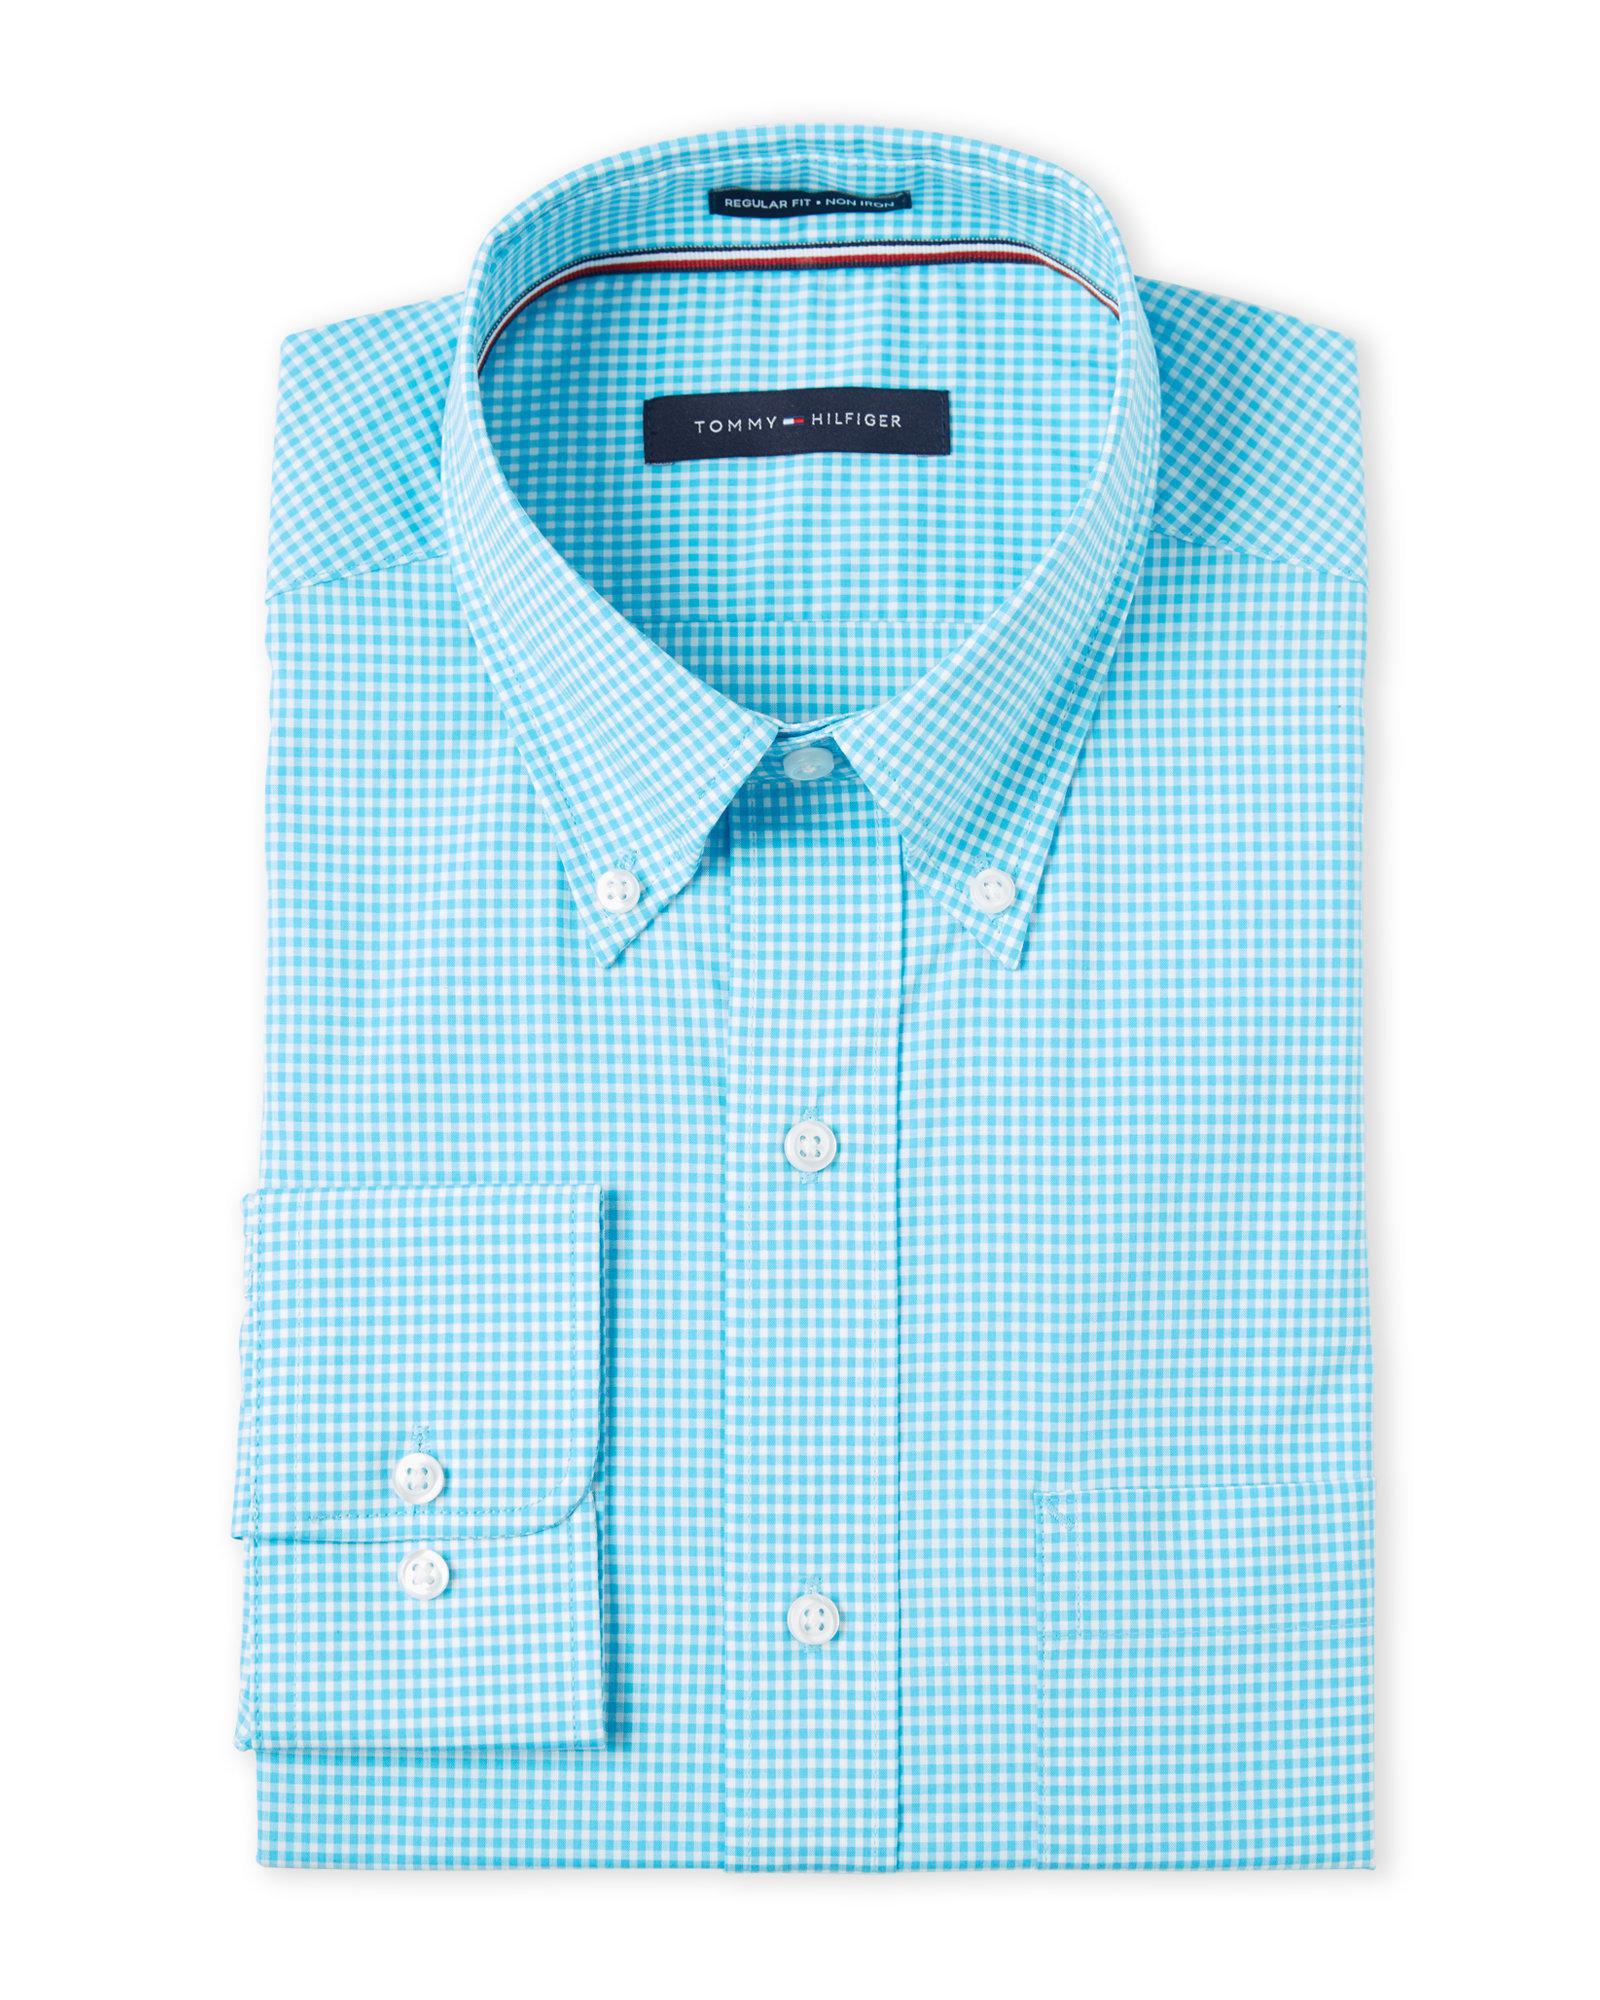 754e43edd Lyst - Tommy Hilfiger Aqua Mini Check Slim Fit Dress Shirt in Blue ...